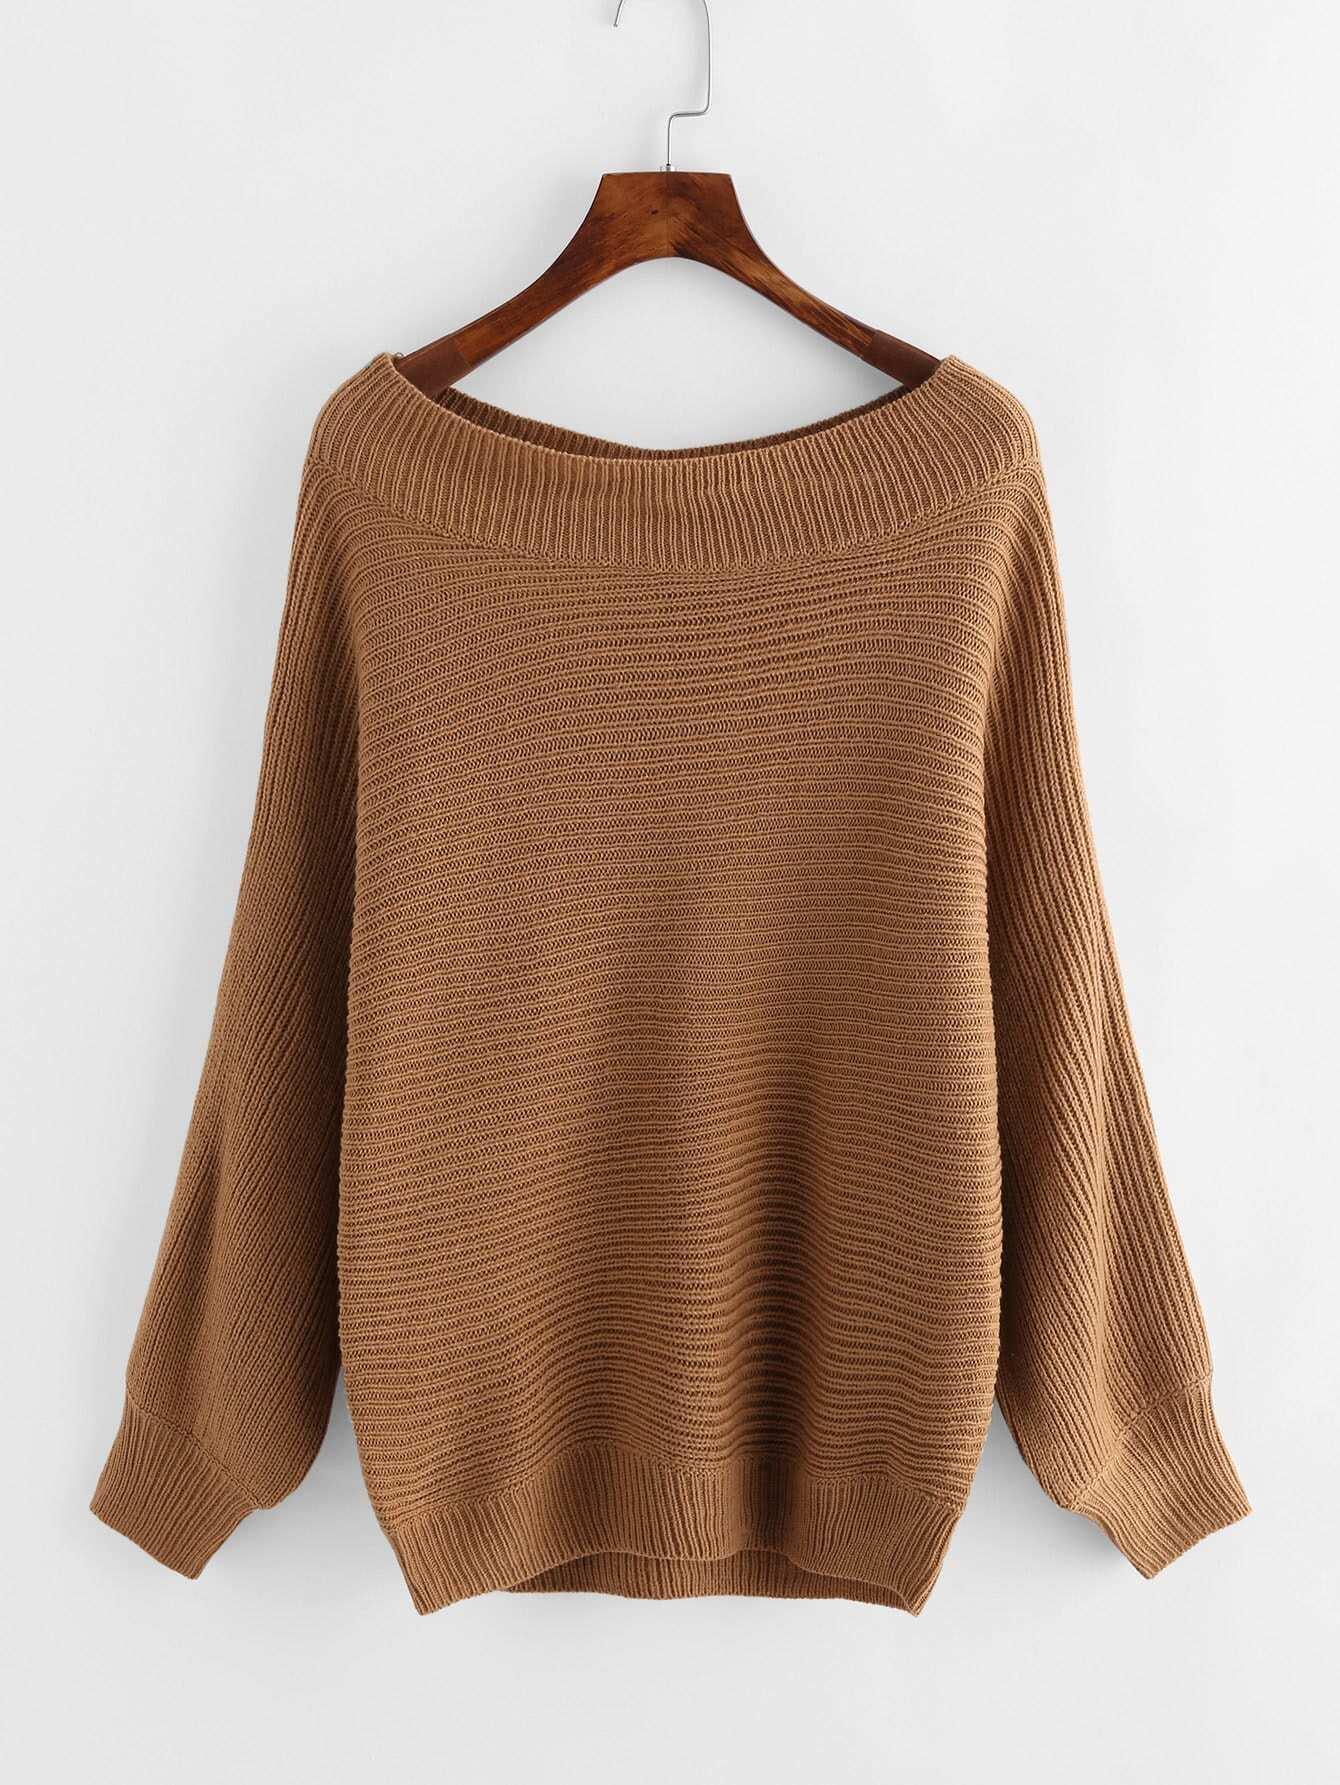 Boat Neckline Textured Knit Sweater | SHEIN UK